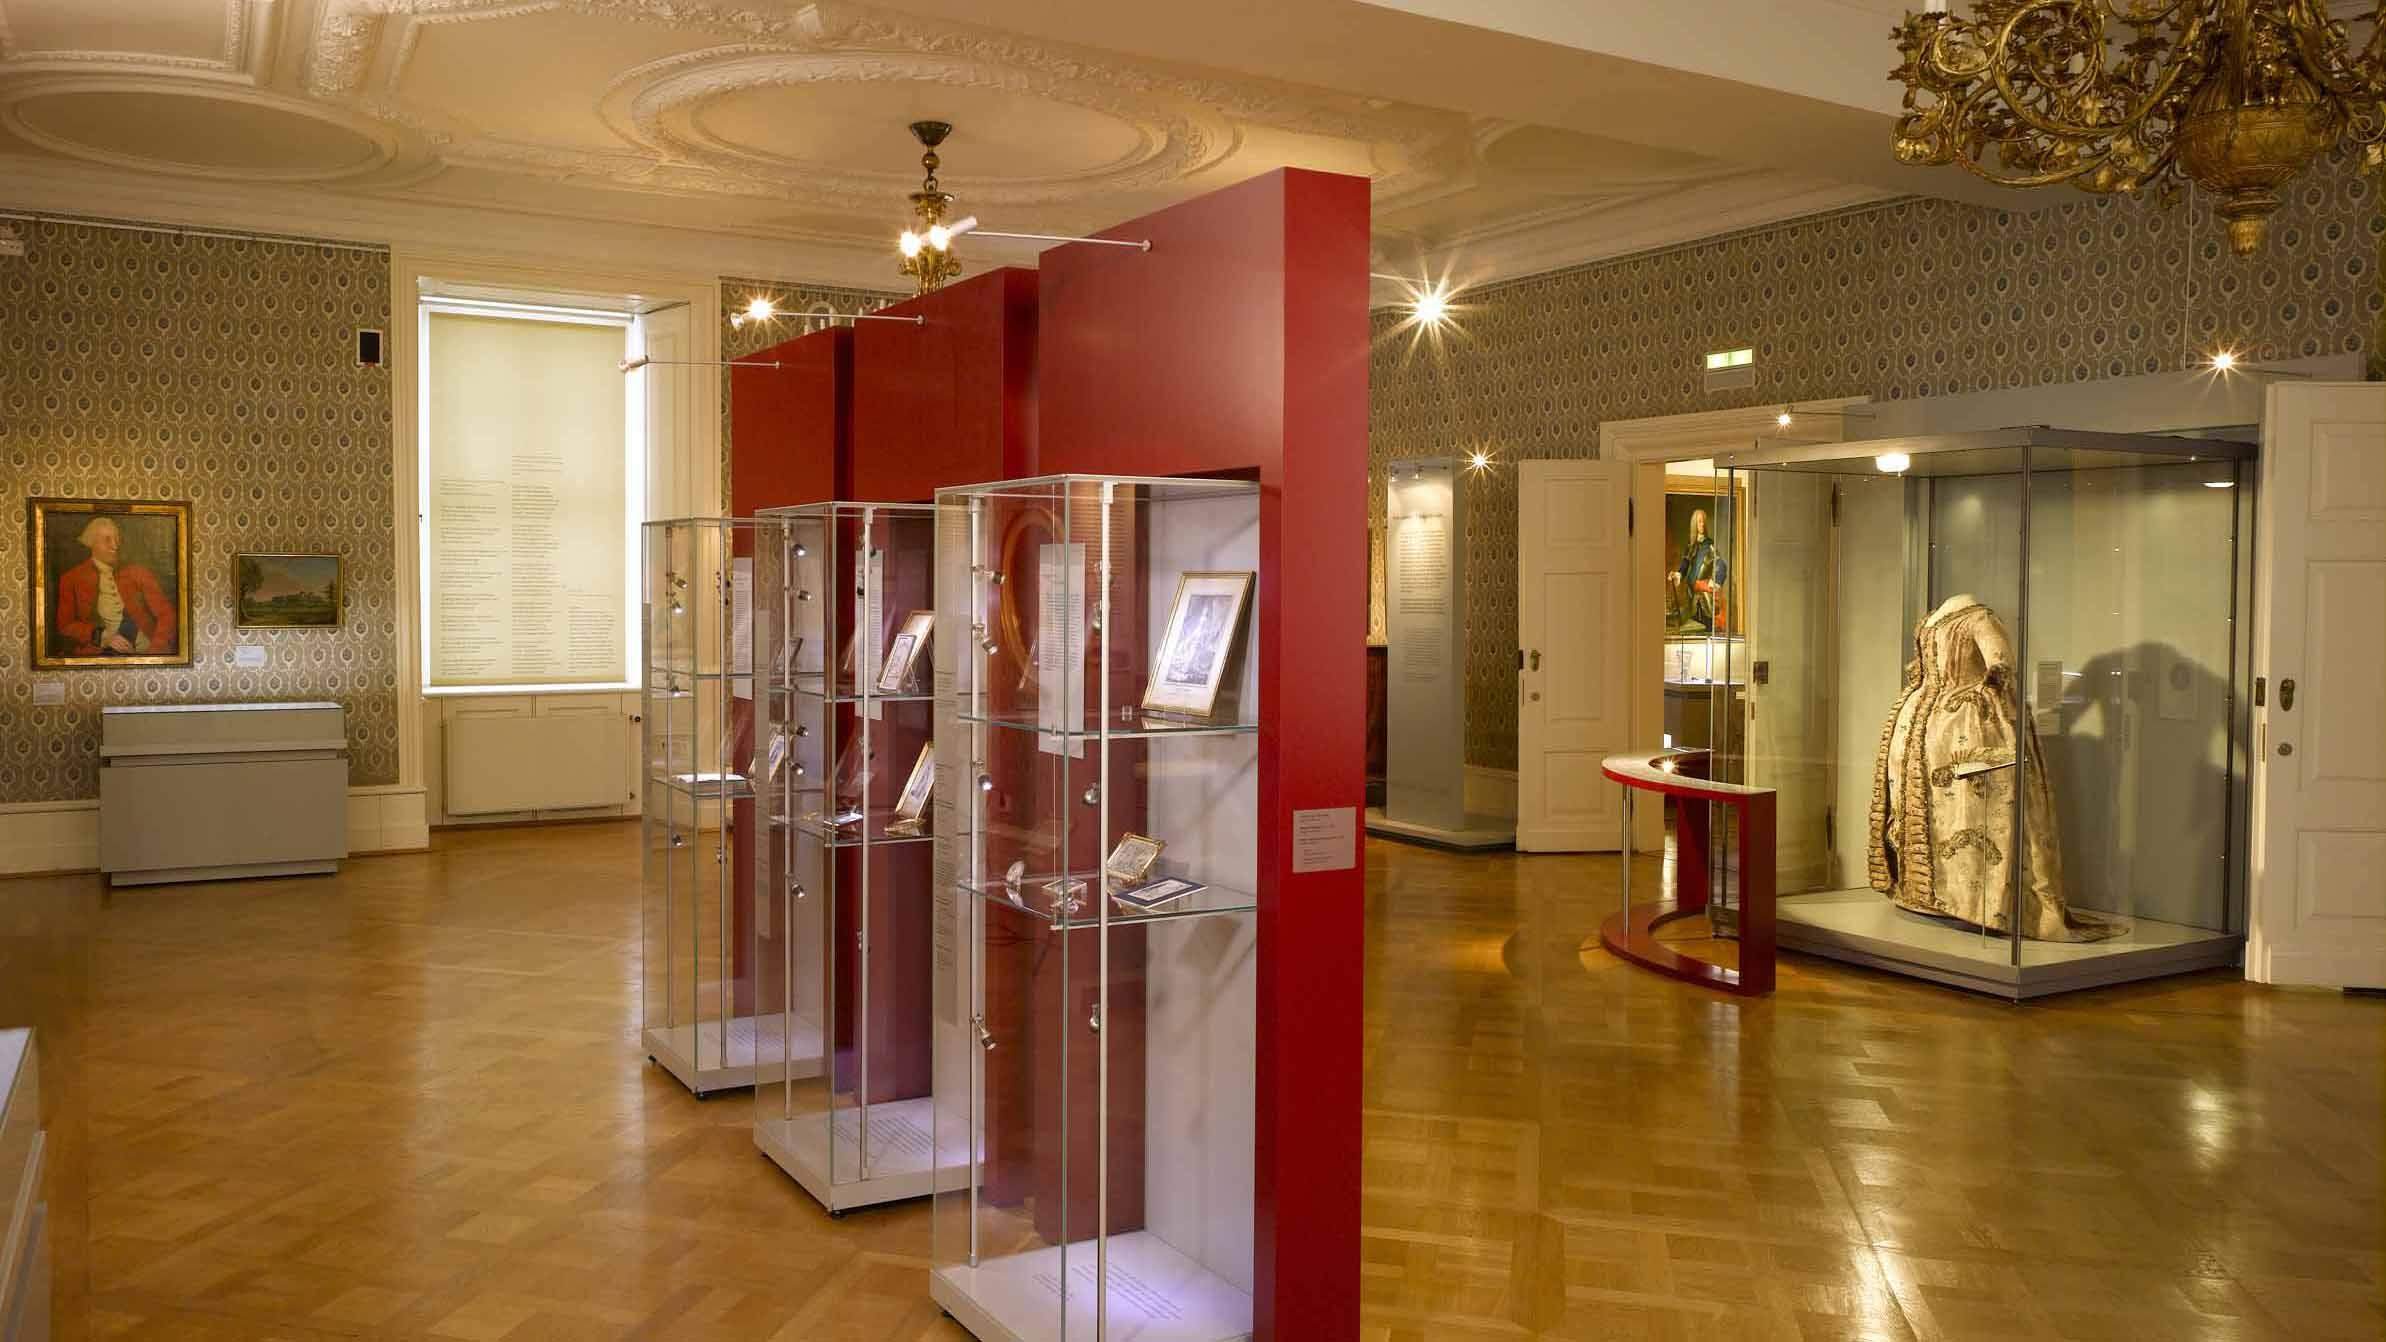 Residenzmuseum im Celler Schloss